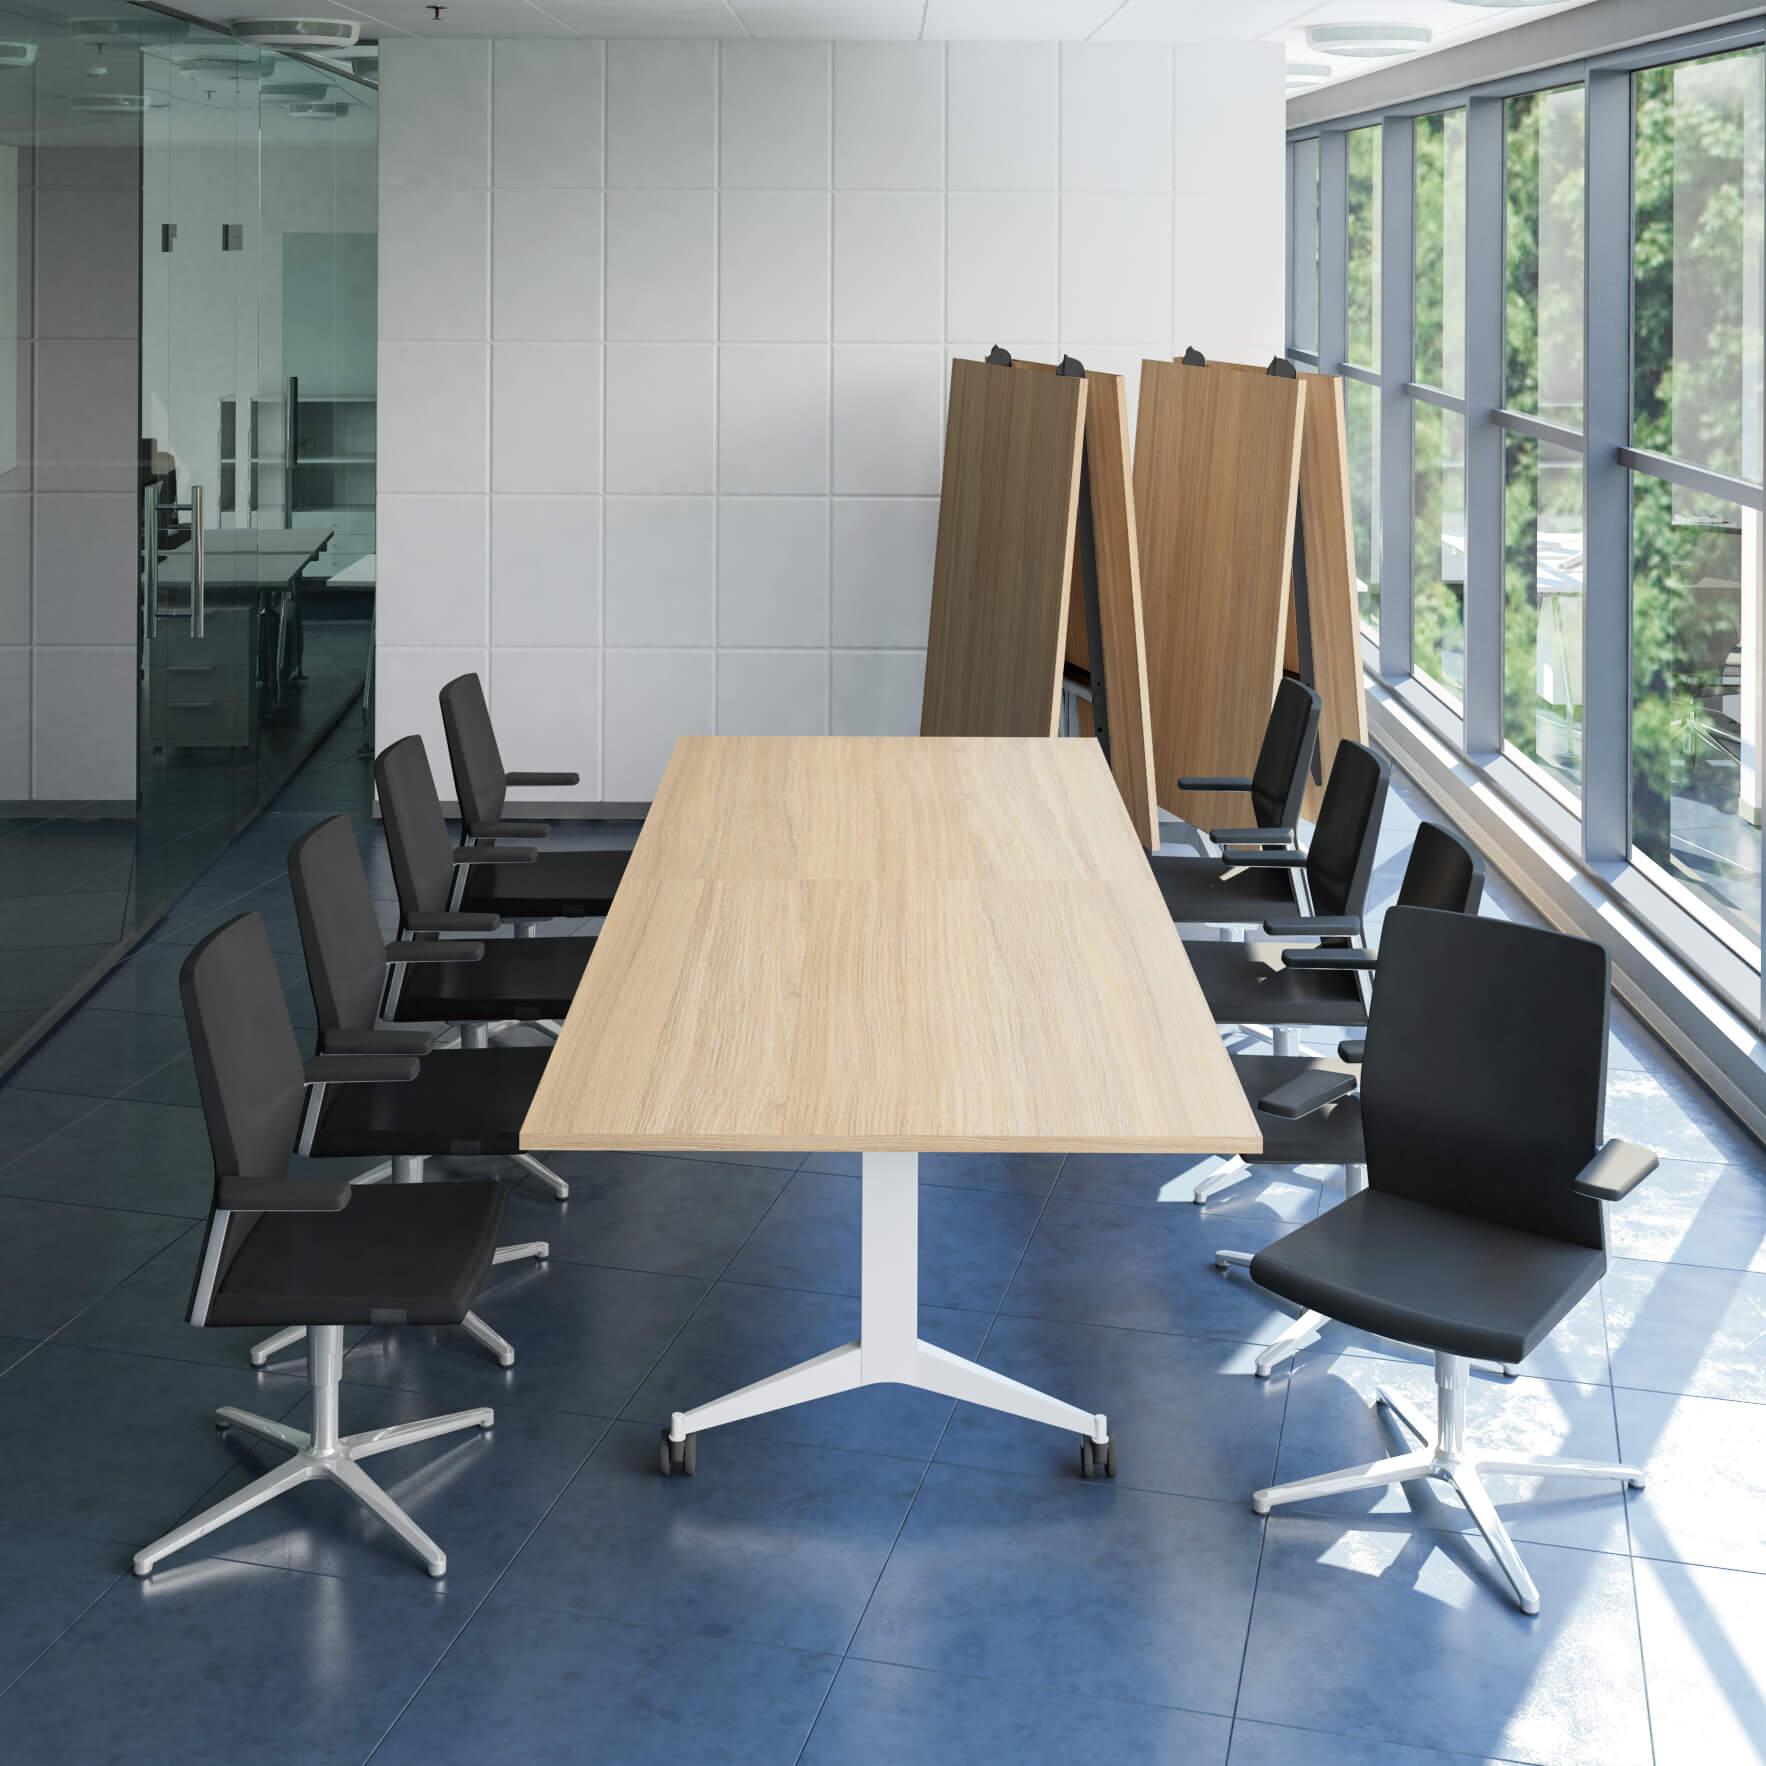 Falttisch Klapptisch 3.200 x 1.200 mm TIMMY Bernstein-Eiche Konferenztisch klappbar rollbar Klapptisch